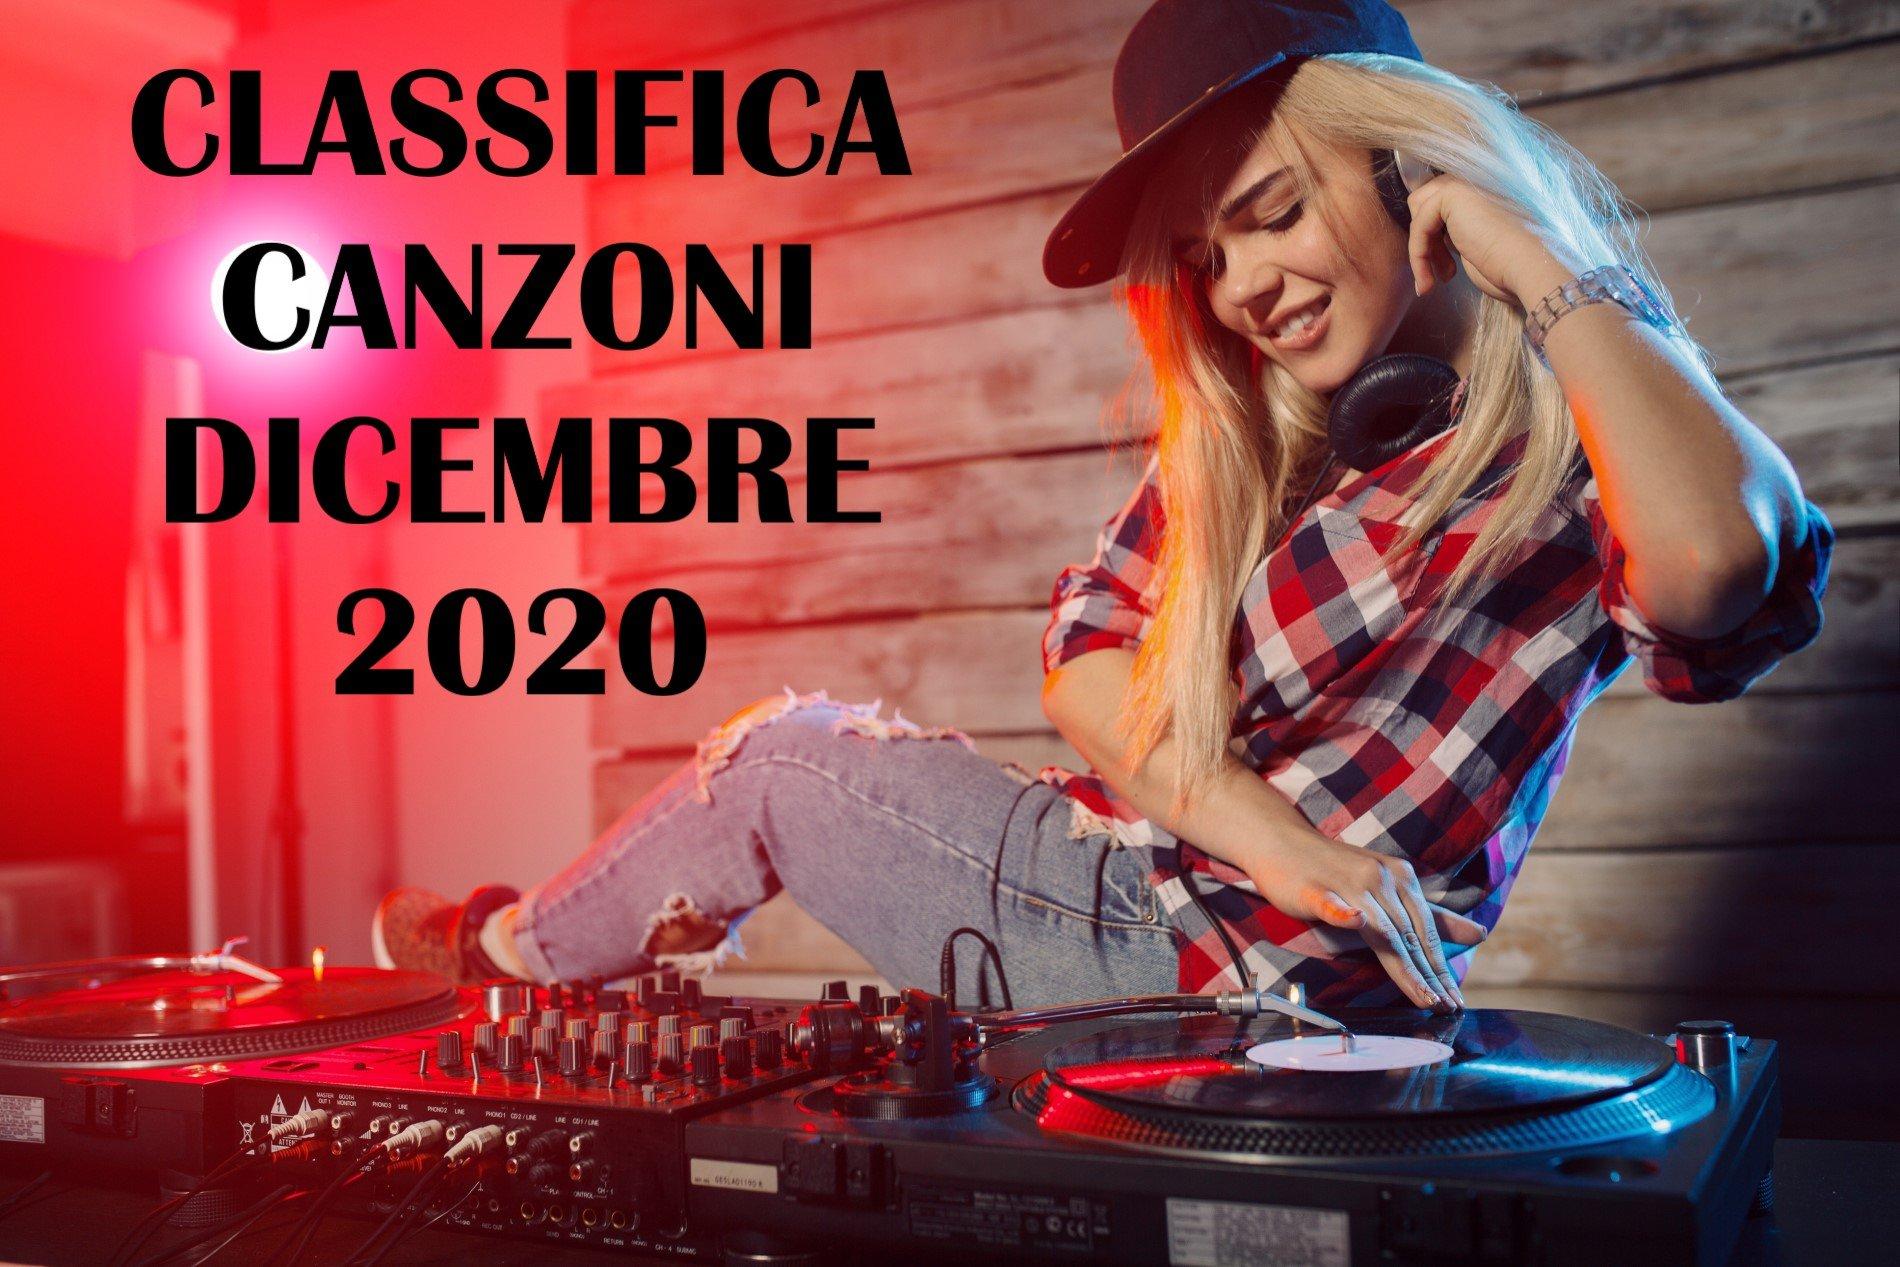 CLASSIFICA CANZONI DICEMBRE 2020